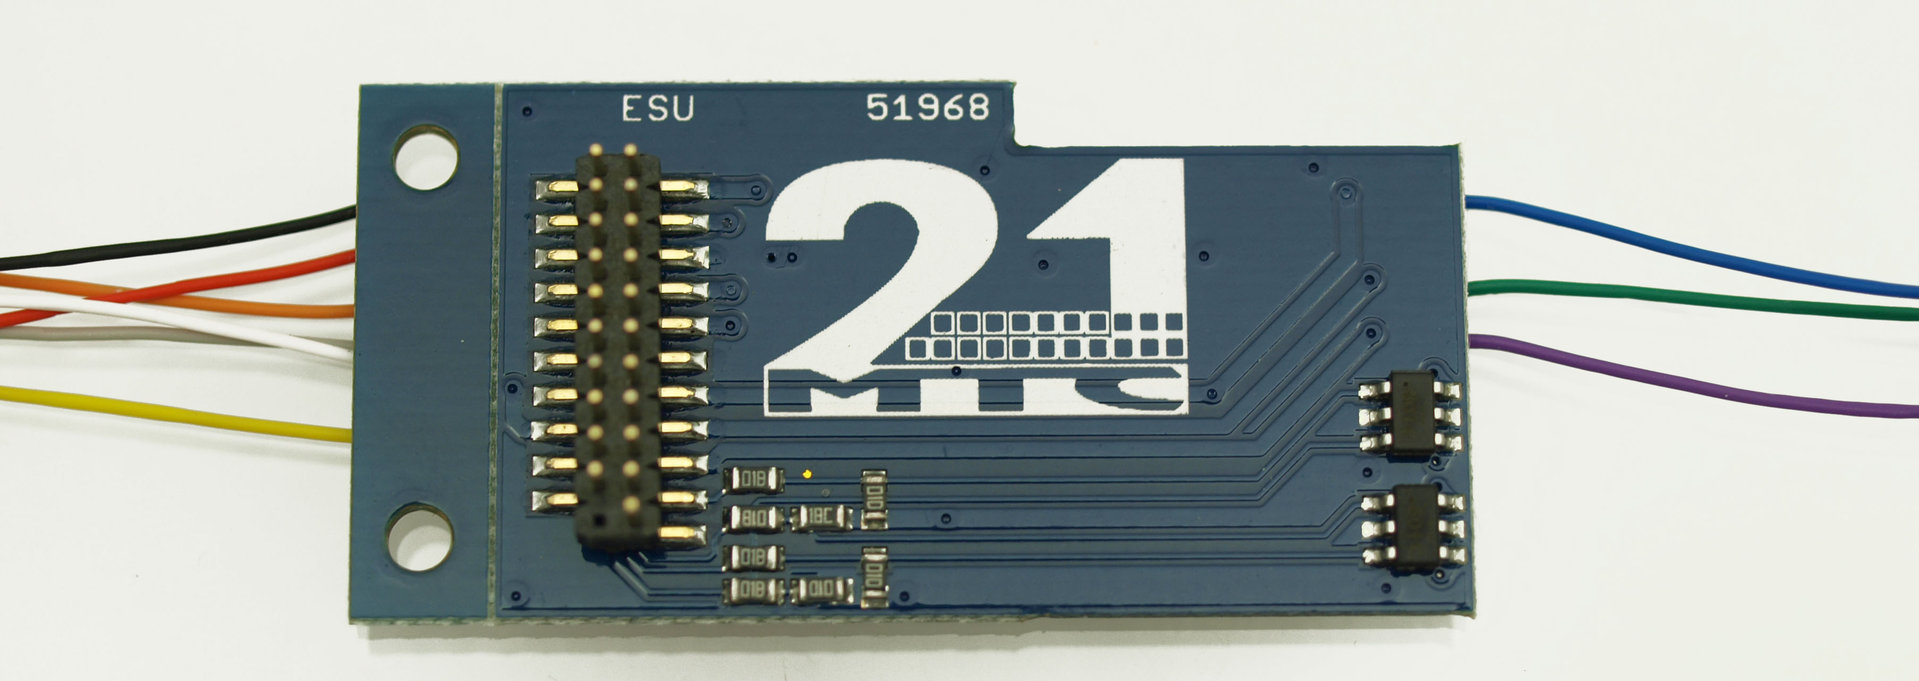 für ESU Adapterplatine für 21 MTC Schnittstelle Märklin und Uhlenbrock